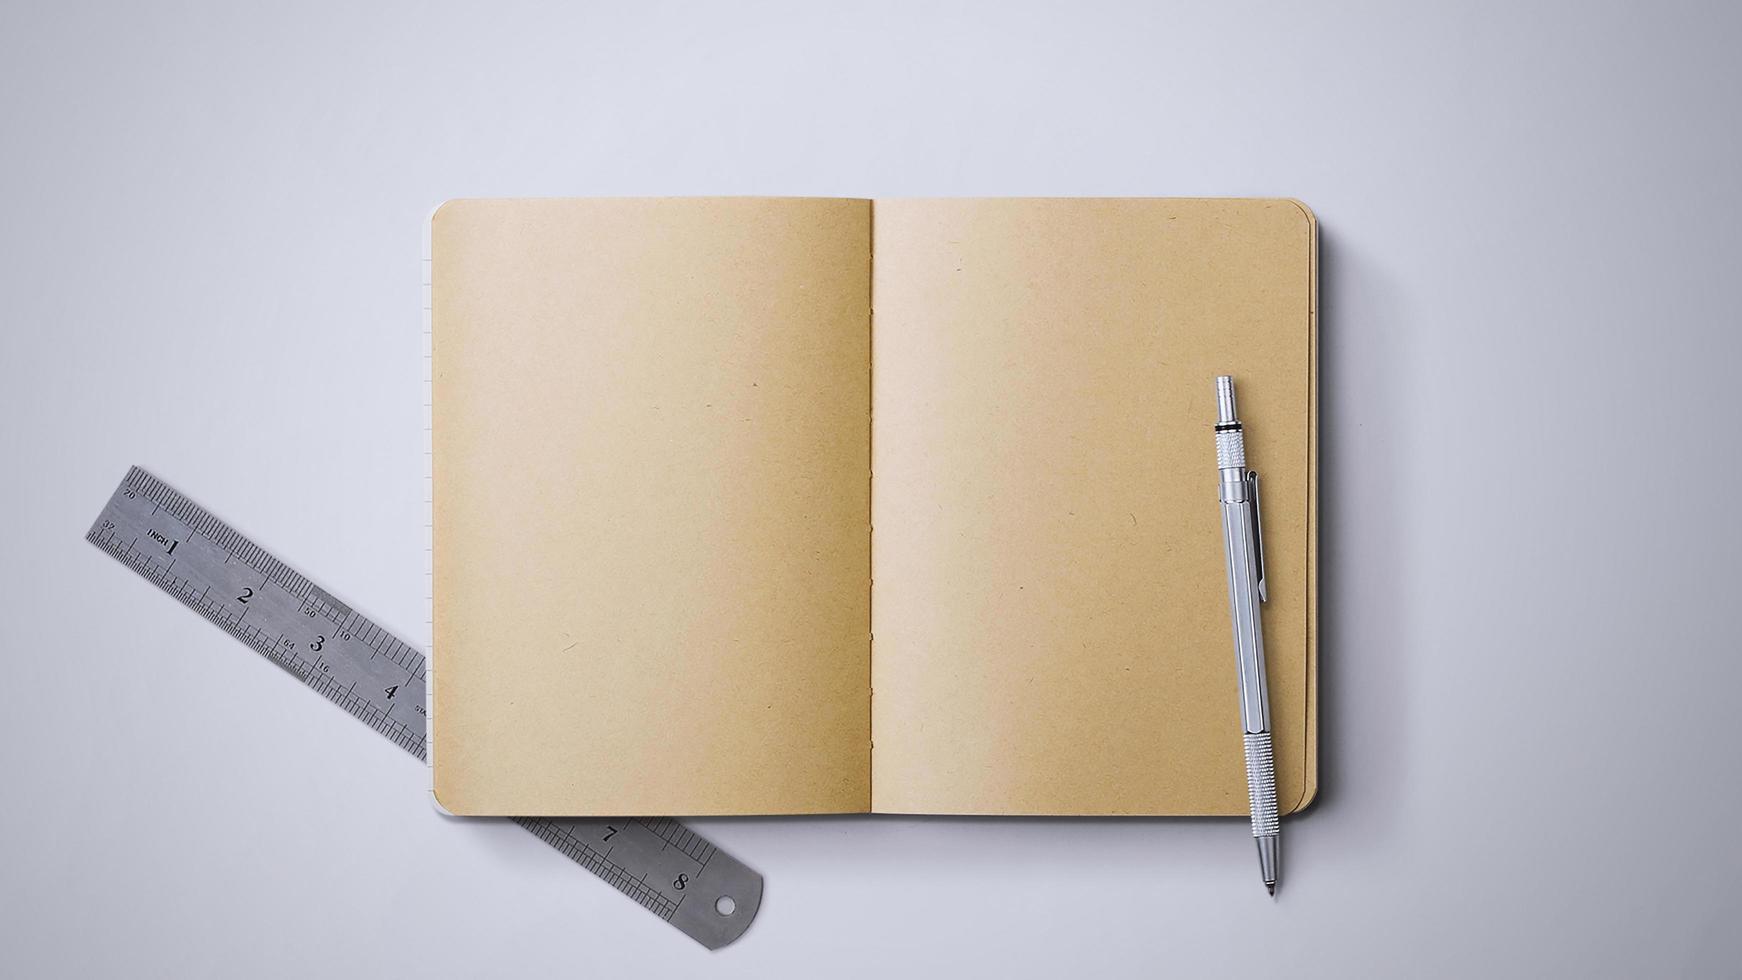 cuaderno con bolígrafo y regla foto